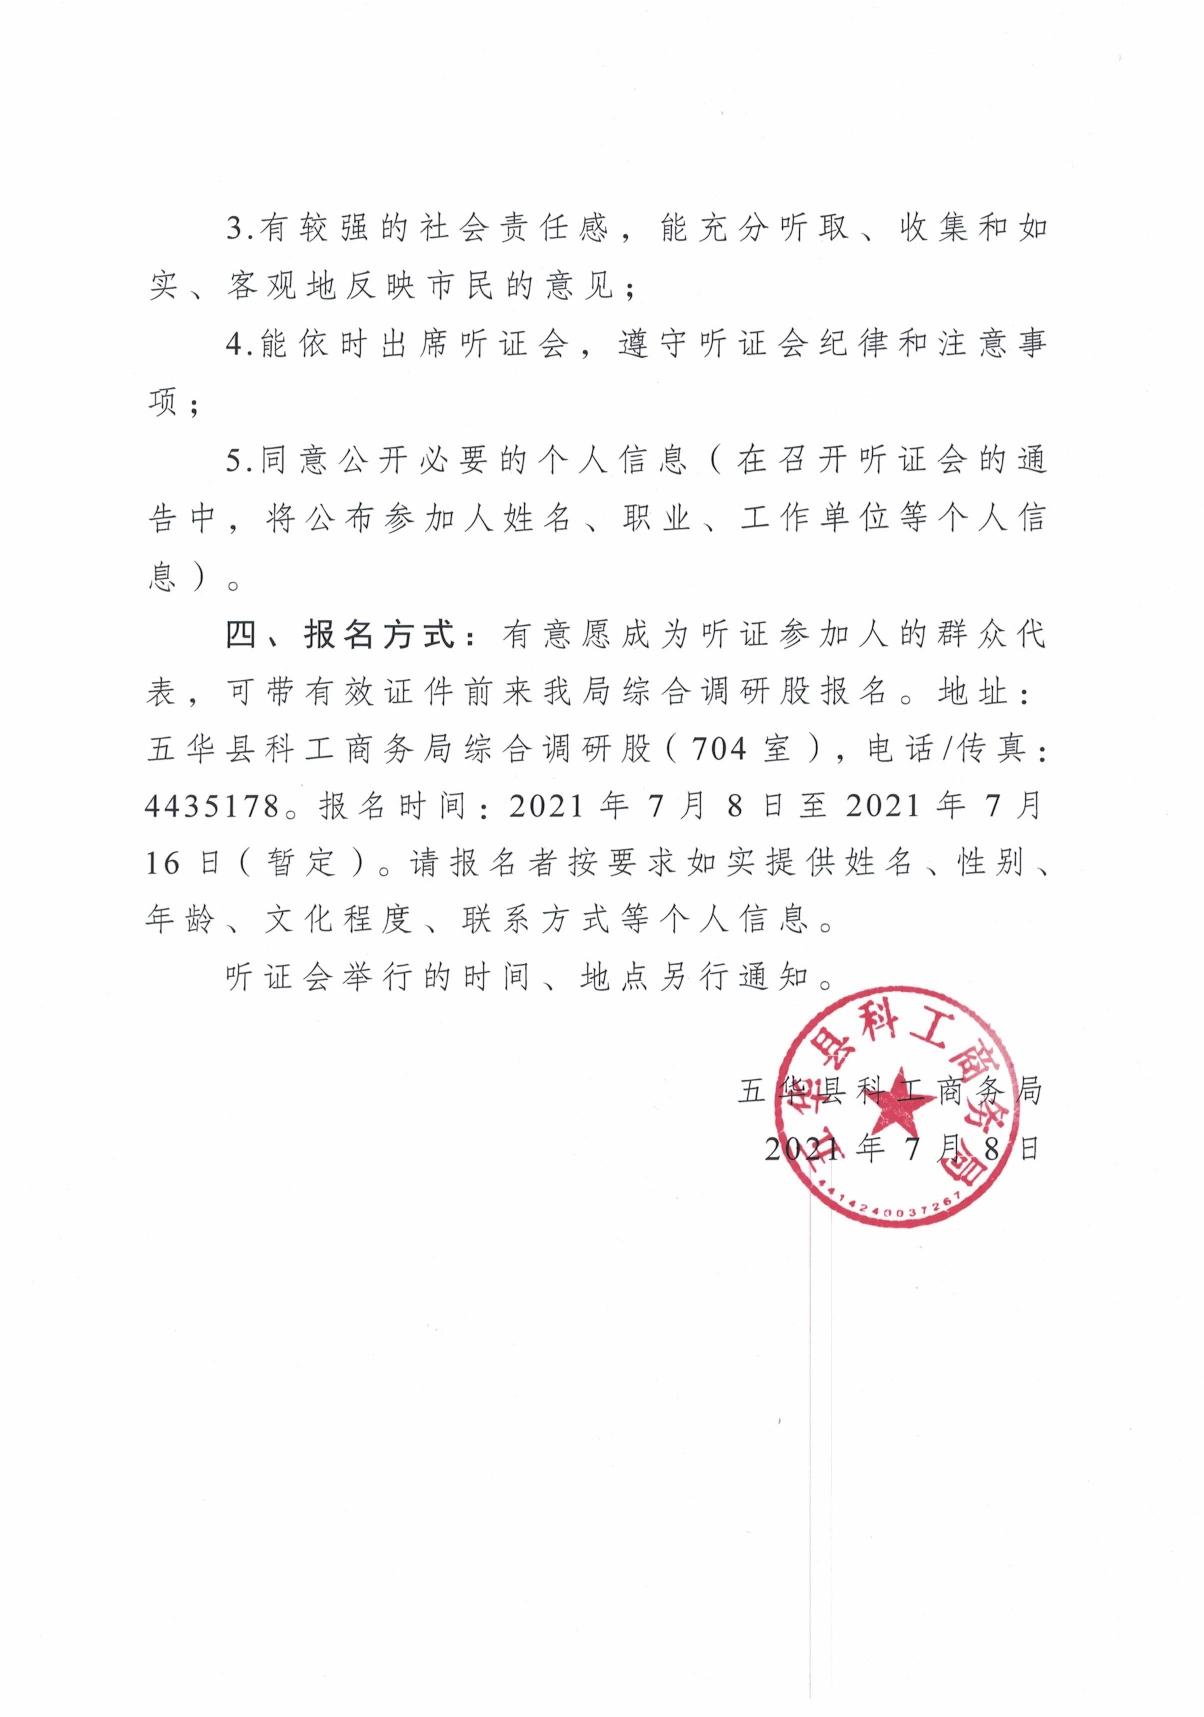 """五华县制造业高质量发展""""十四五""""规划听证会的公告0001.jpg"""